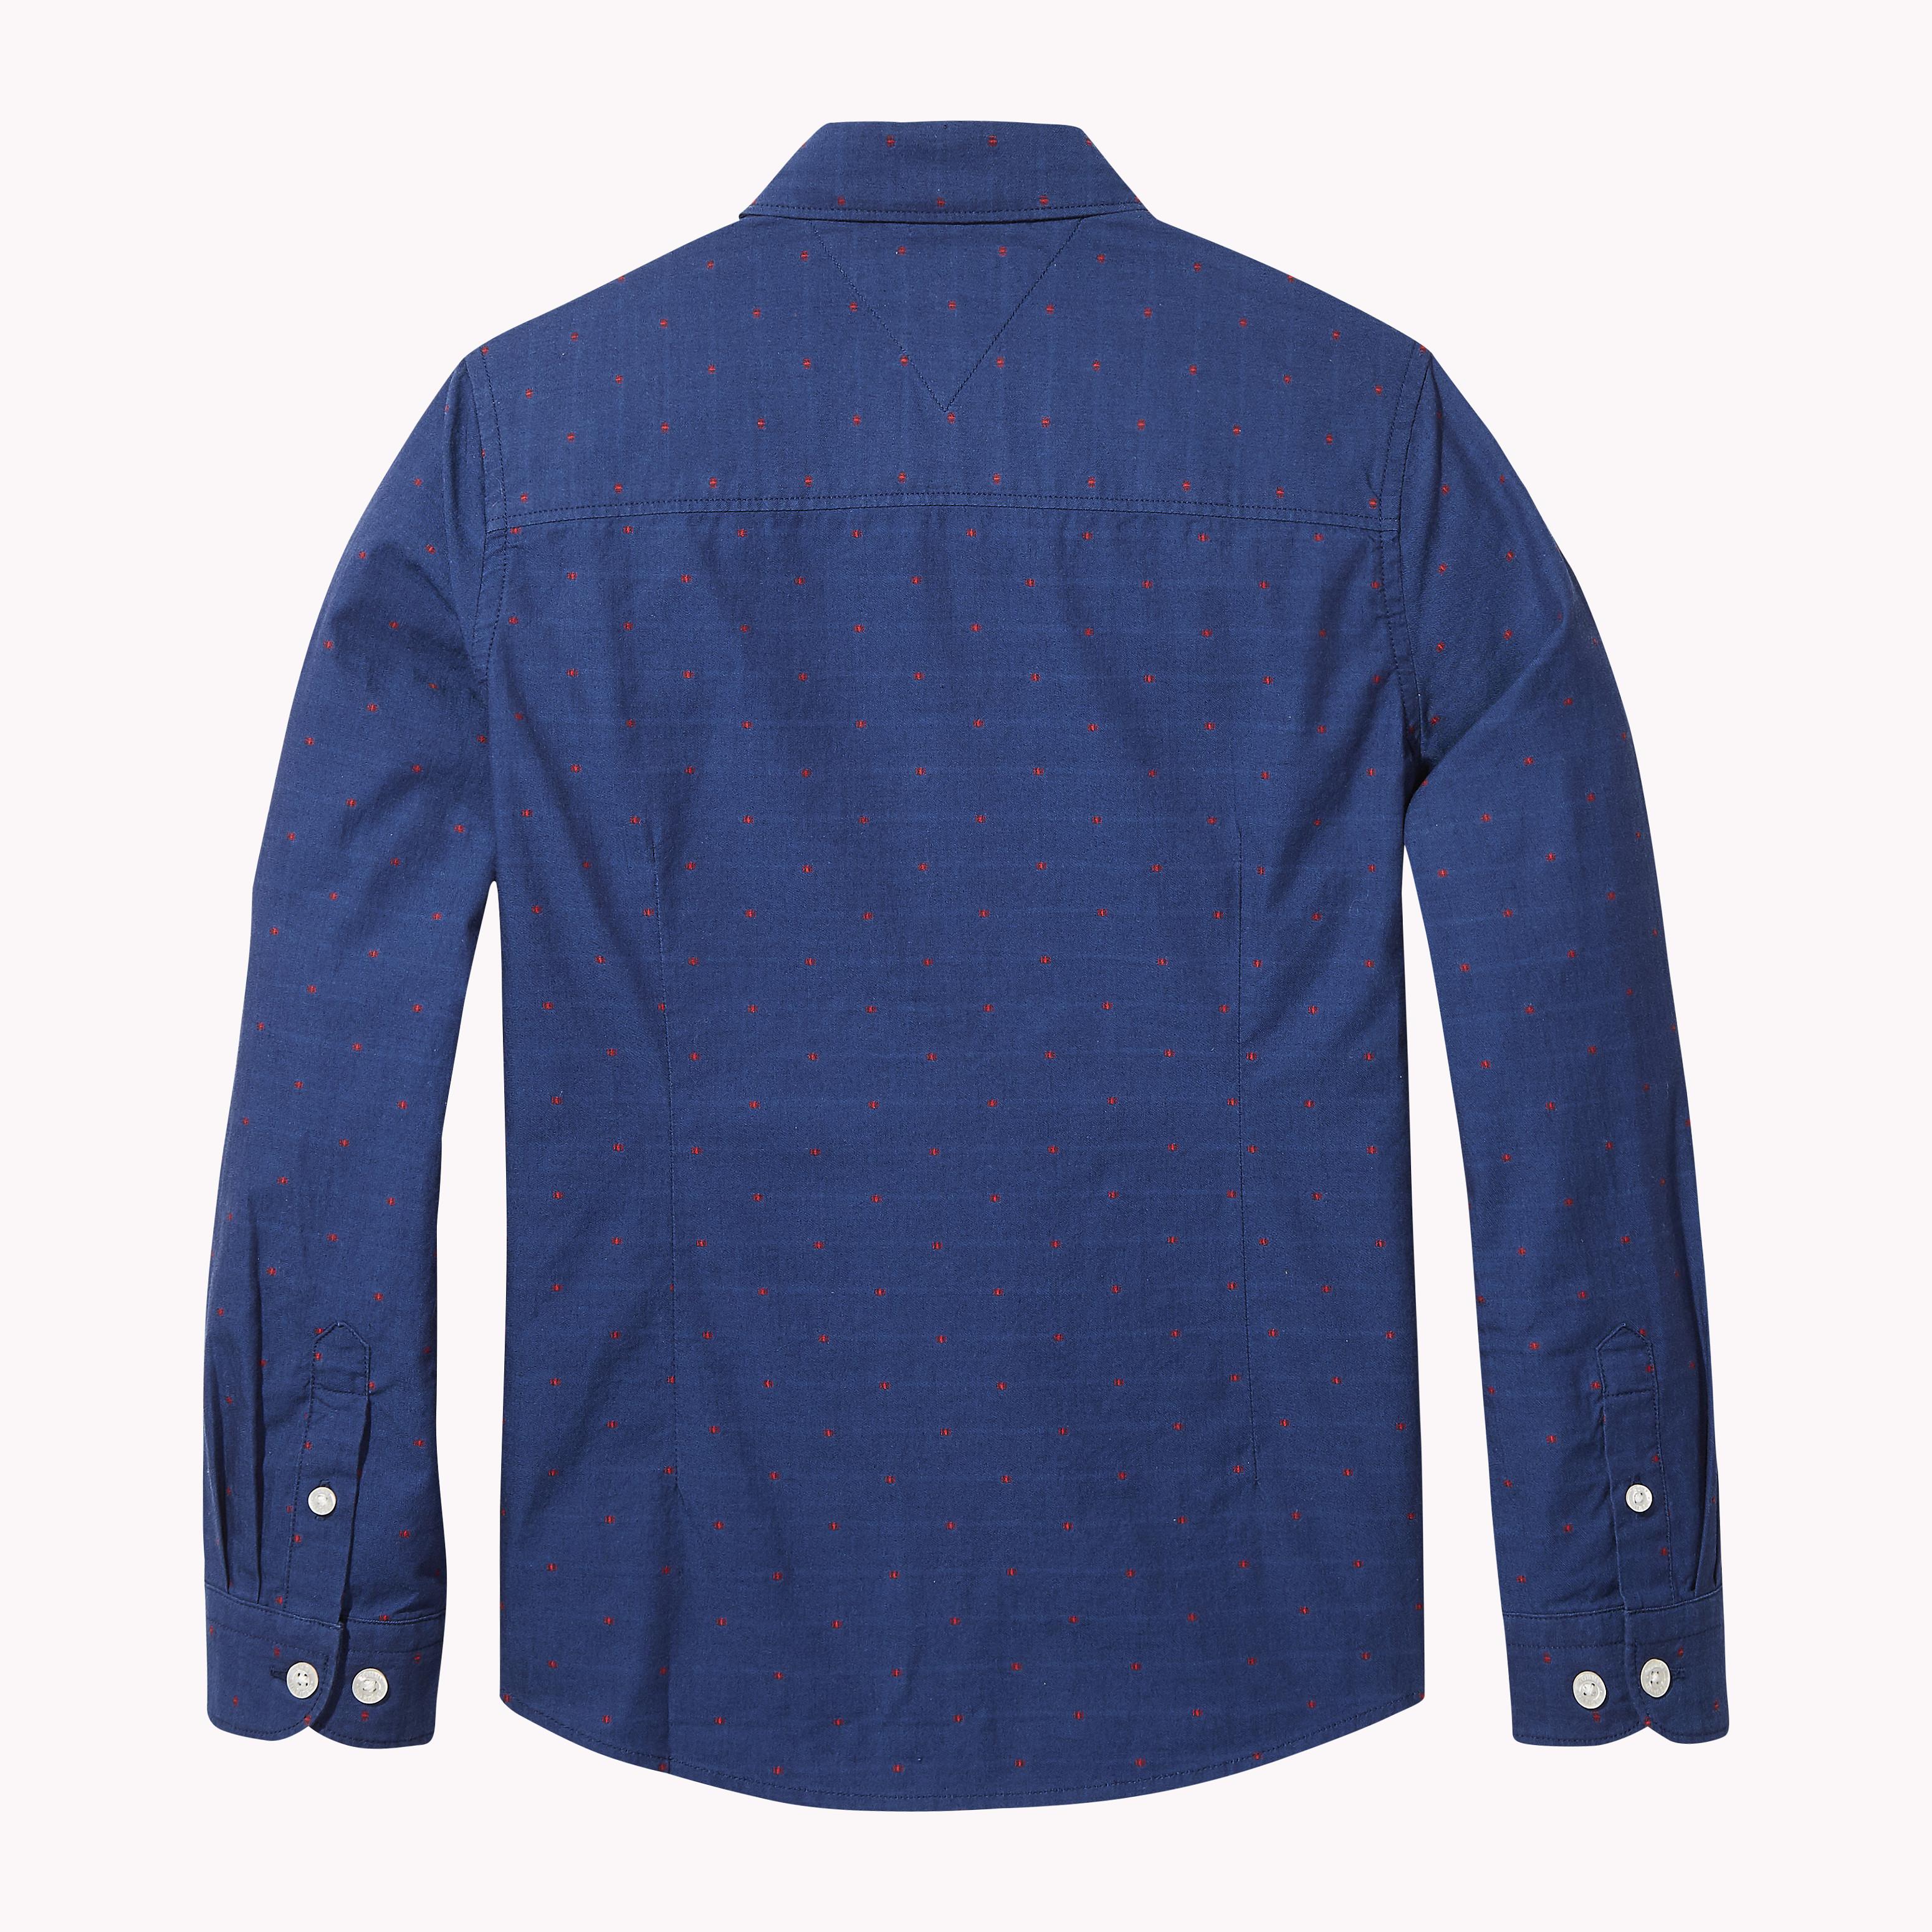 Πουκάμισο βαμβακερό μπλε με κόκκινα σχεδιάκια (DOBBY SHIRT L S ... 7b303a4e4e5